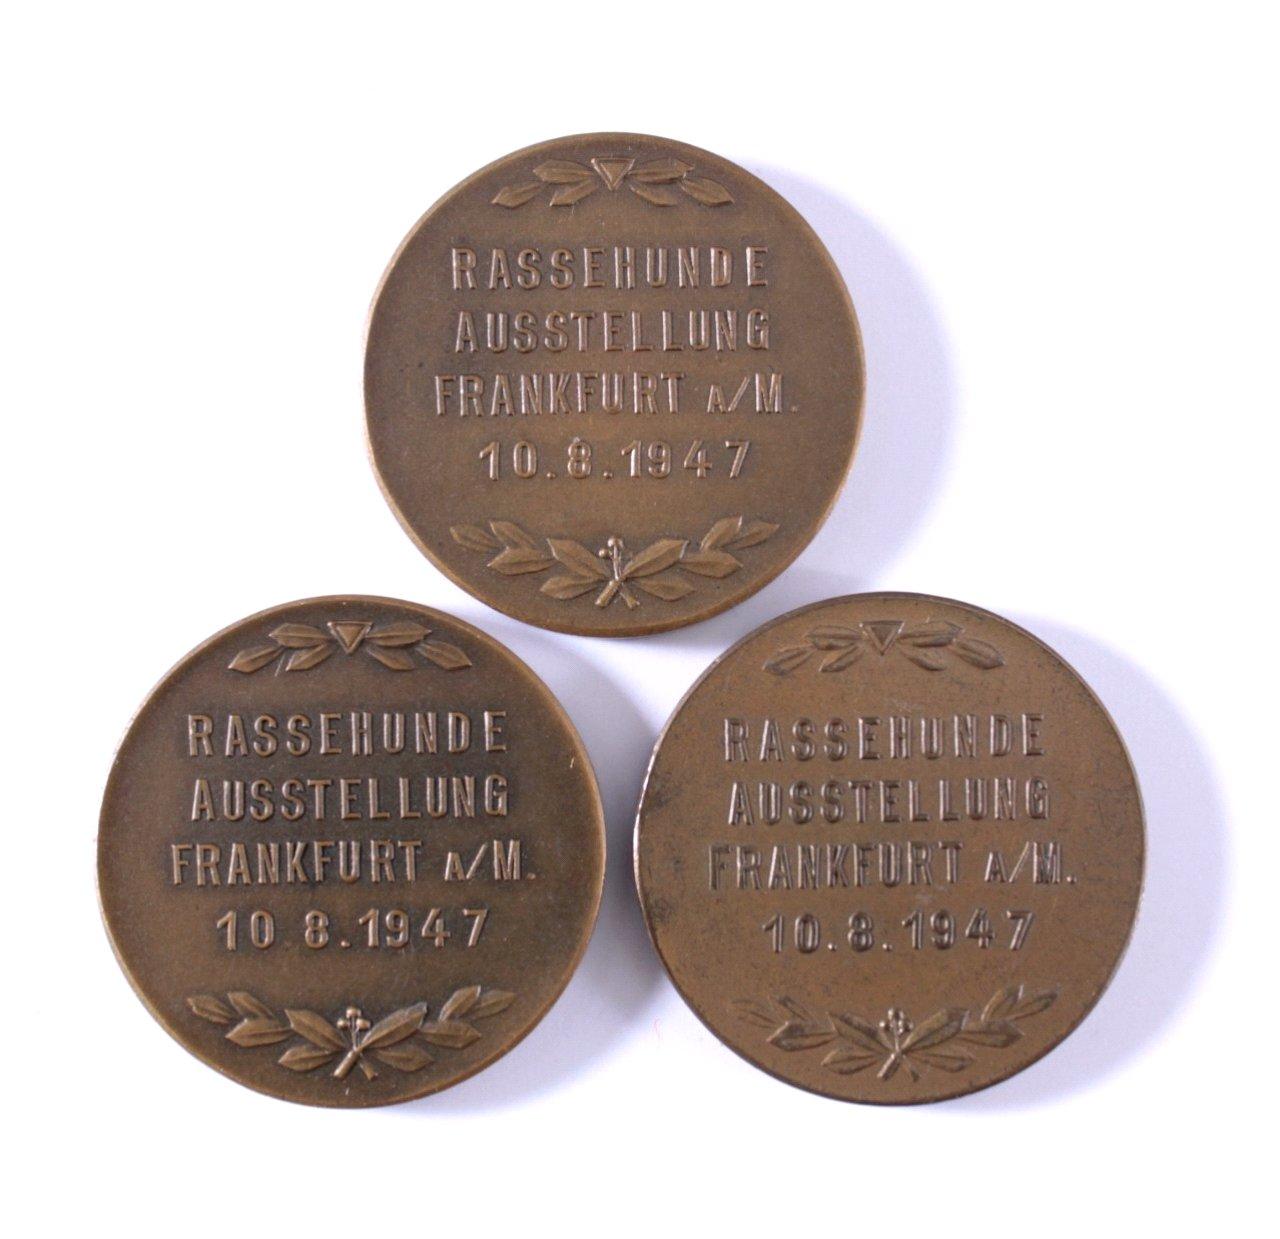 3 Medaillen Deutsche Rassehundeausstellung 1947 FFM-1